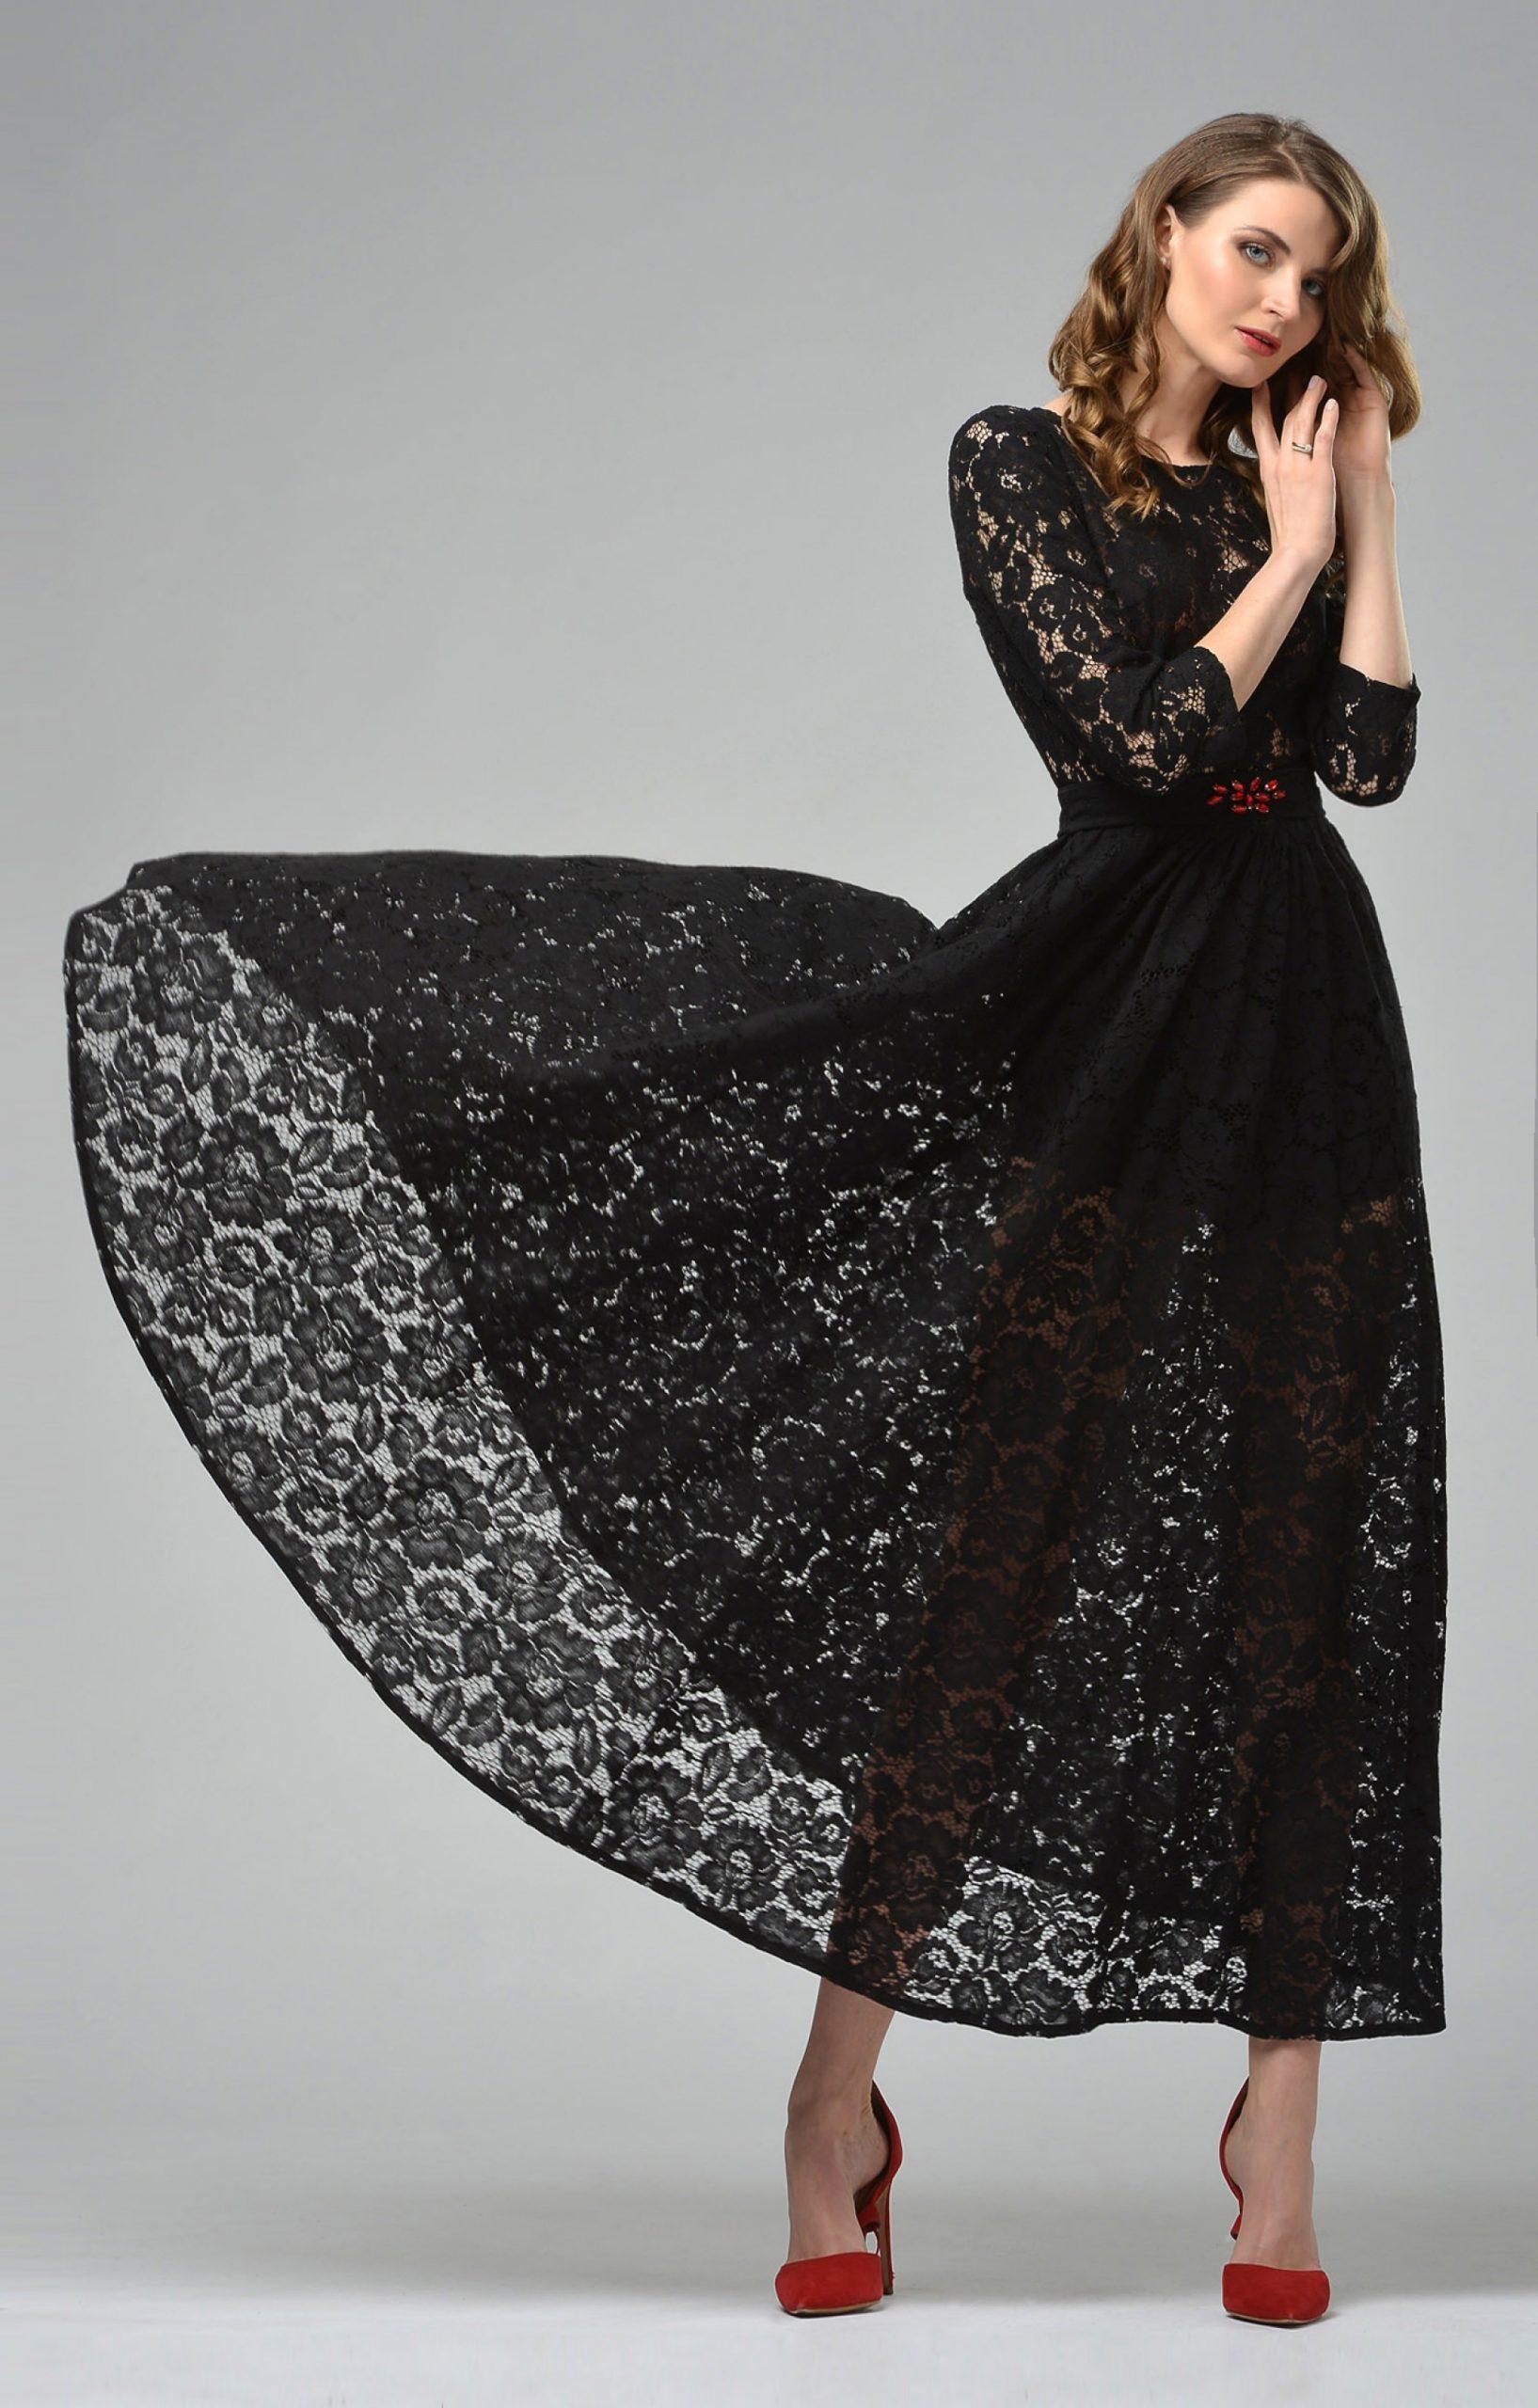 20 Schön Zara Abendkleid Galerie15 Erstaunlich Zara Abendkleid Design